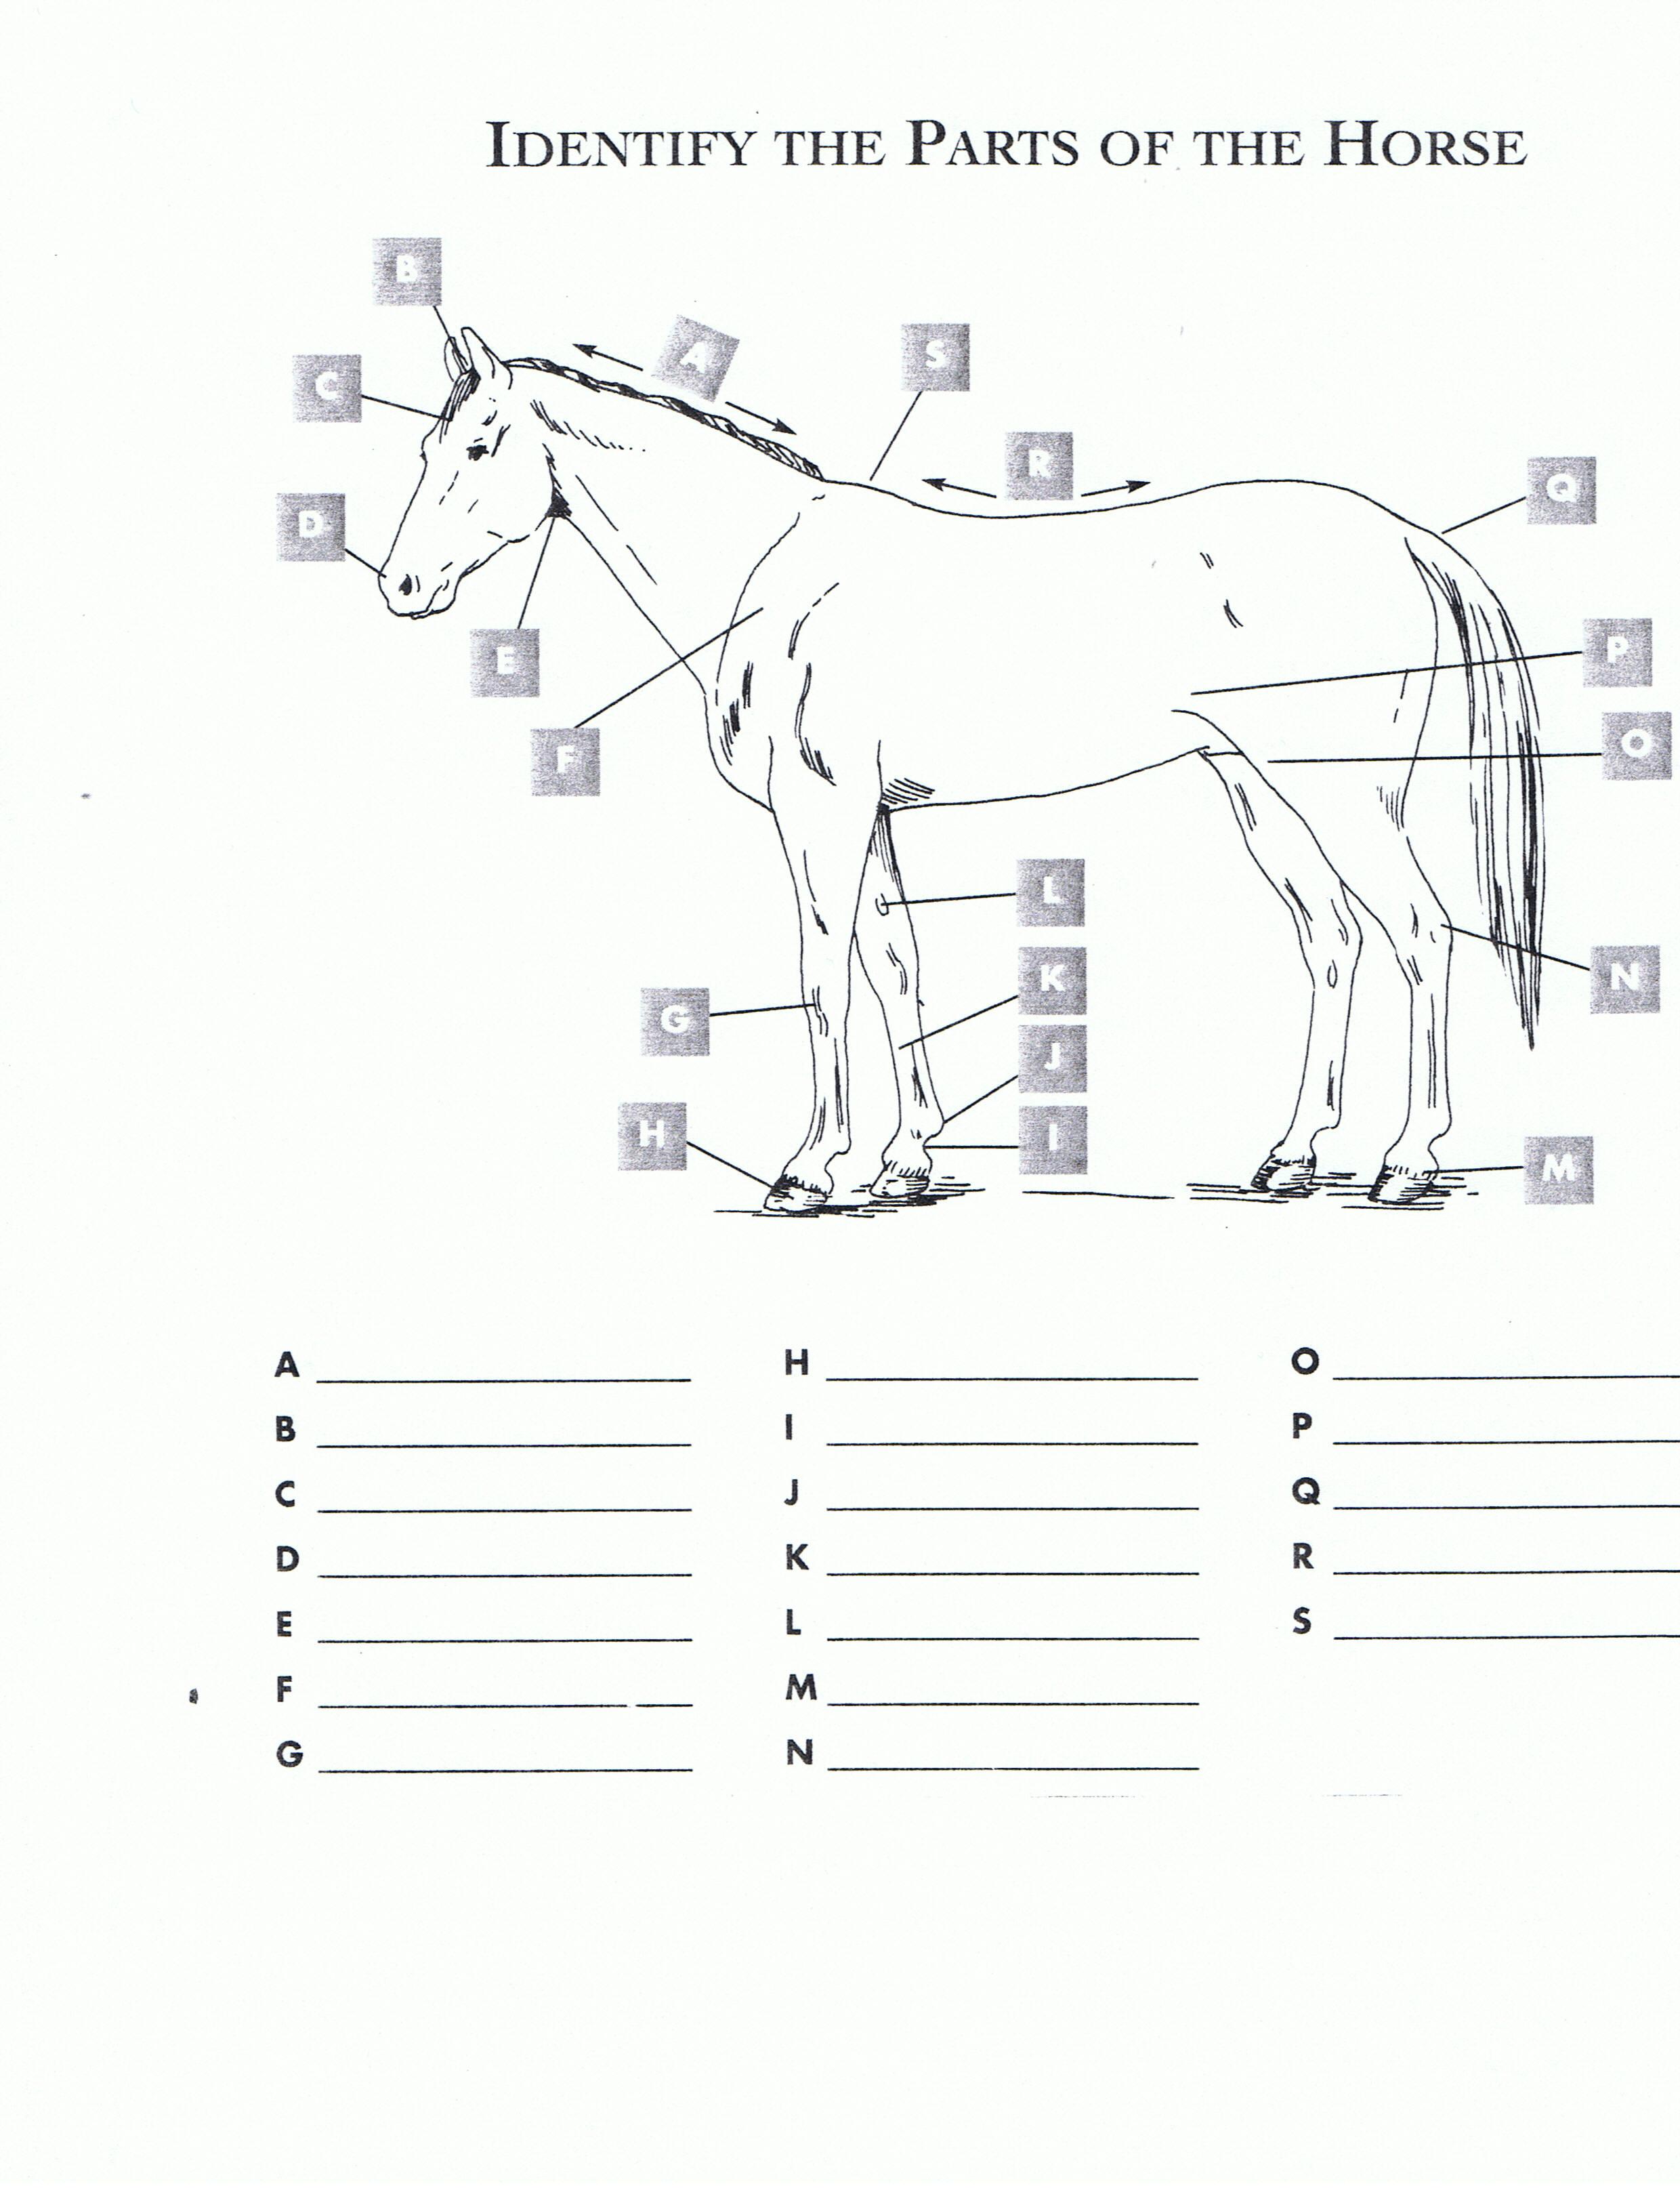 Parts of a horse hoof quiz best image konpax 2017 parts of a horse hoof quiz best image konpax 2017 ccuart Images